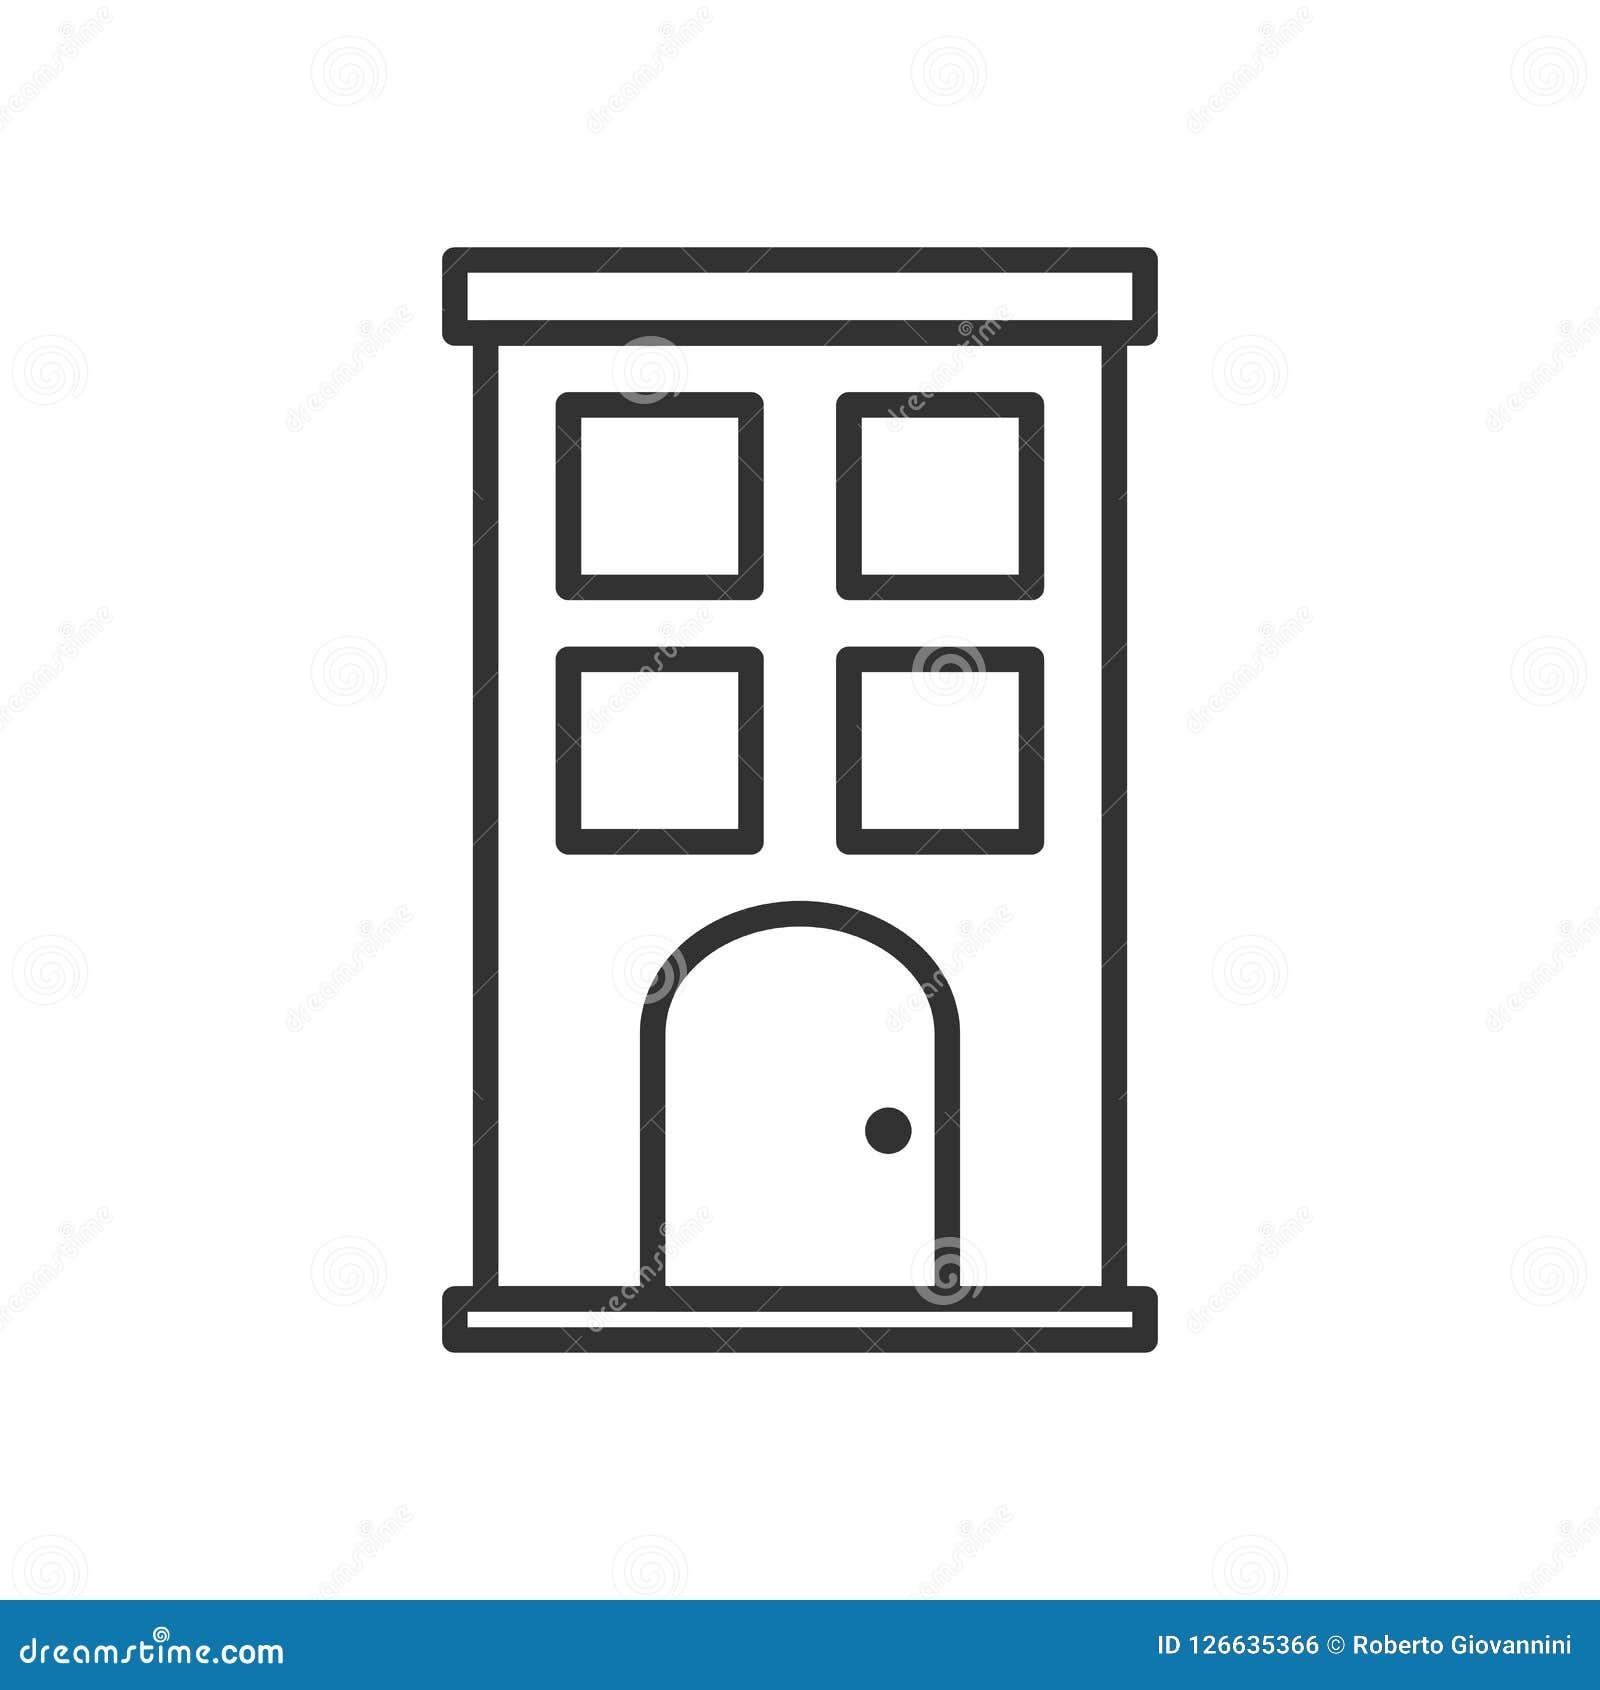 Icono plano del pequeño esquema del edificio en blanco